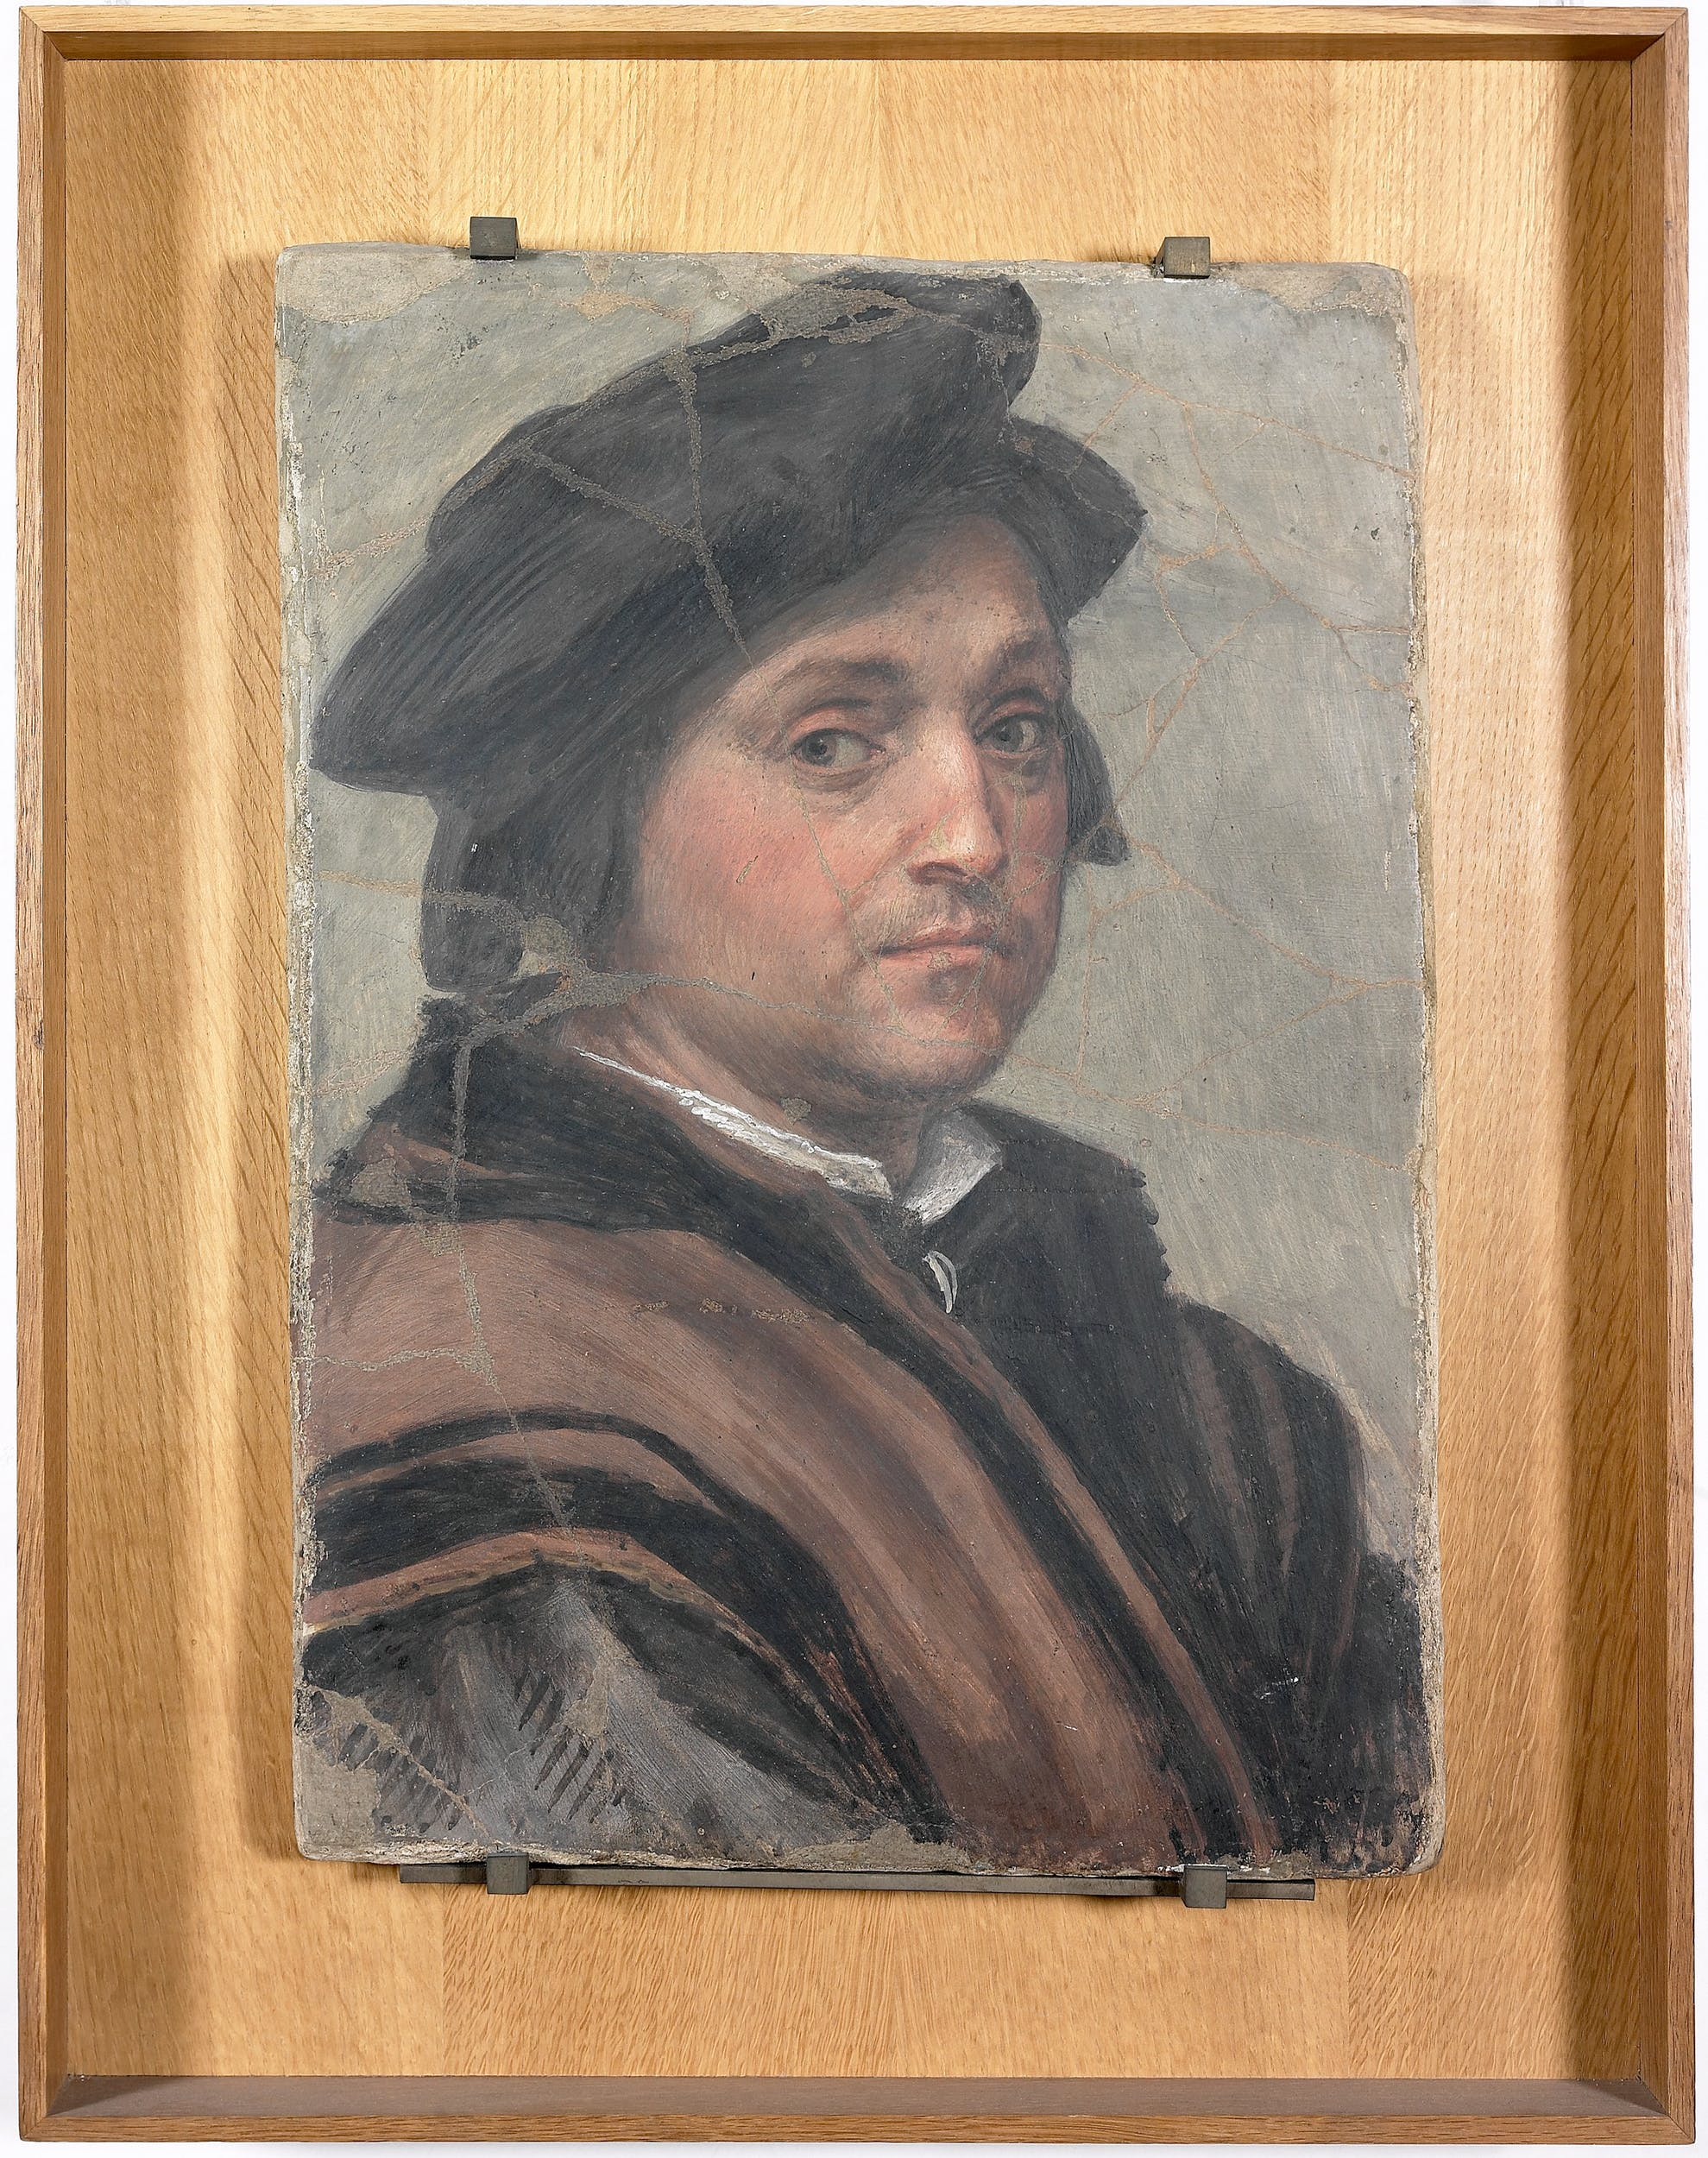 Andrea del Sarto, Autoritratto, 1528–1530, affresco su embrice, 51,5 x 37,5 cm, Firenze, Gallerie degli Uffizi, inv. 1694, n. 1890.